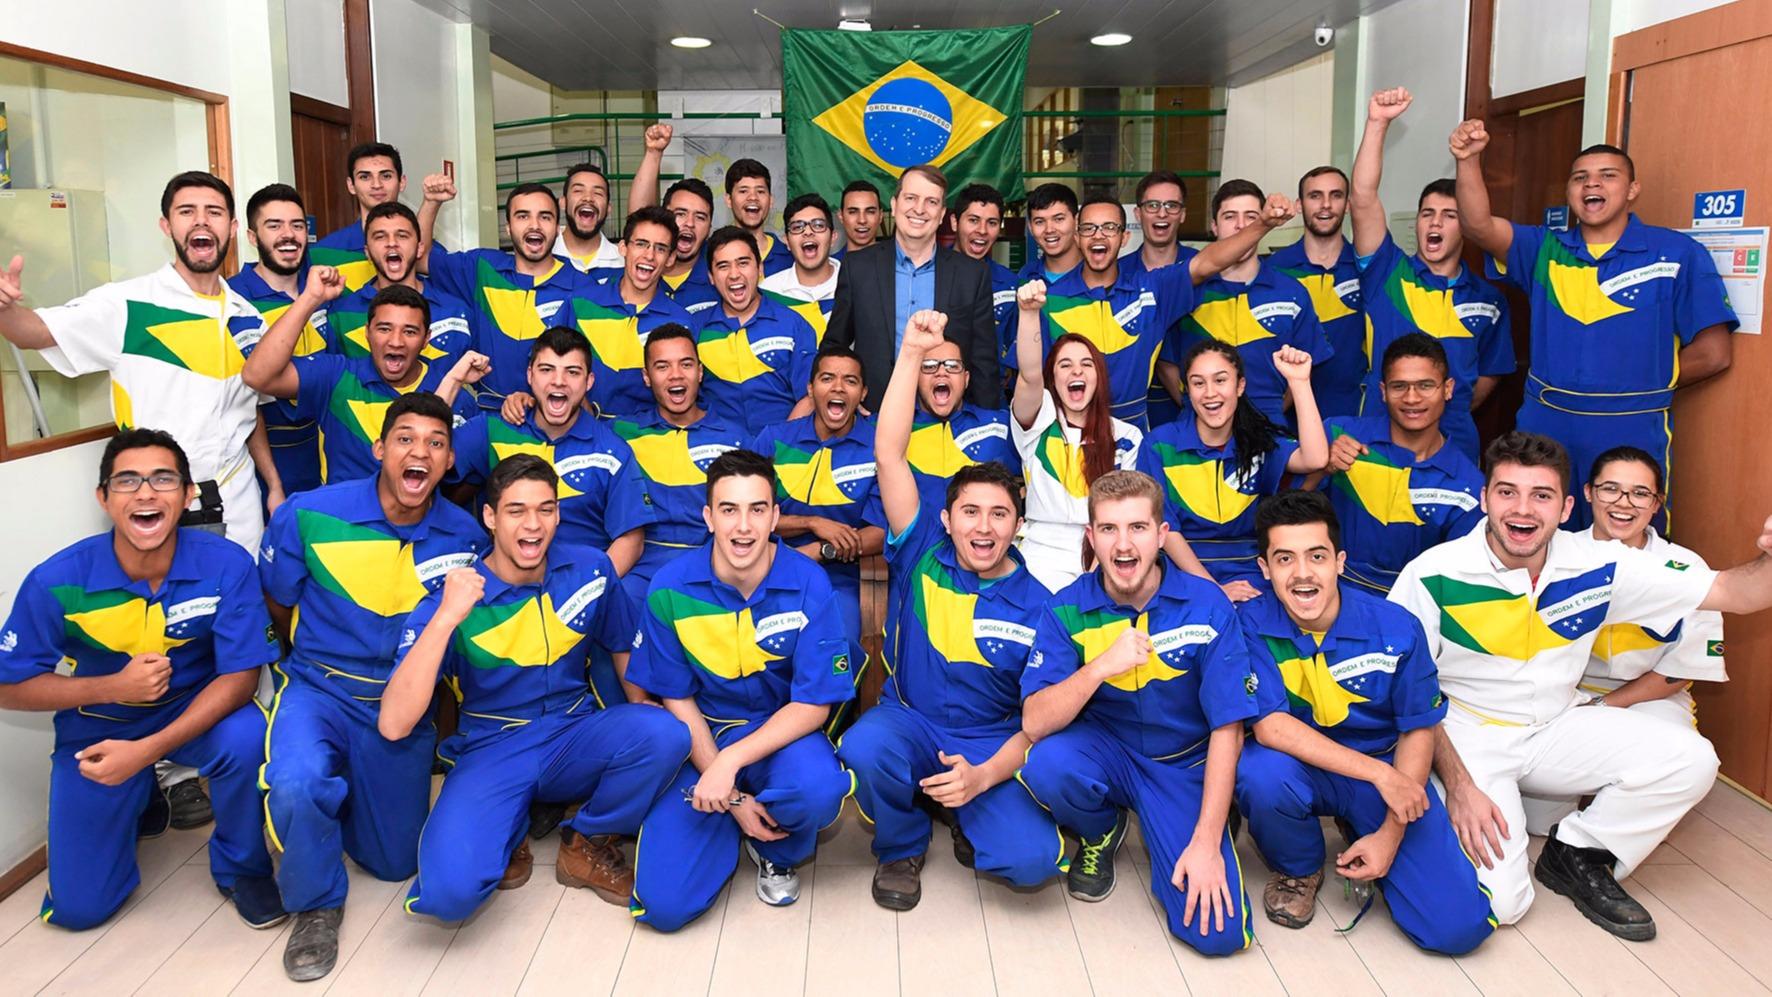 Acompanhe o desempenho da delegação brasileira na WorldSkills 2017 em novo site no Portal da Indústria